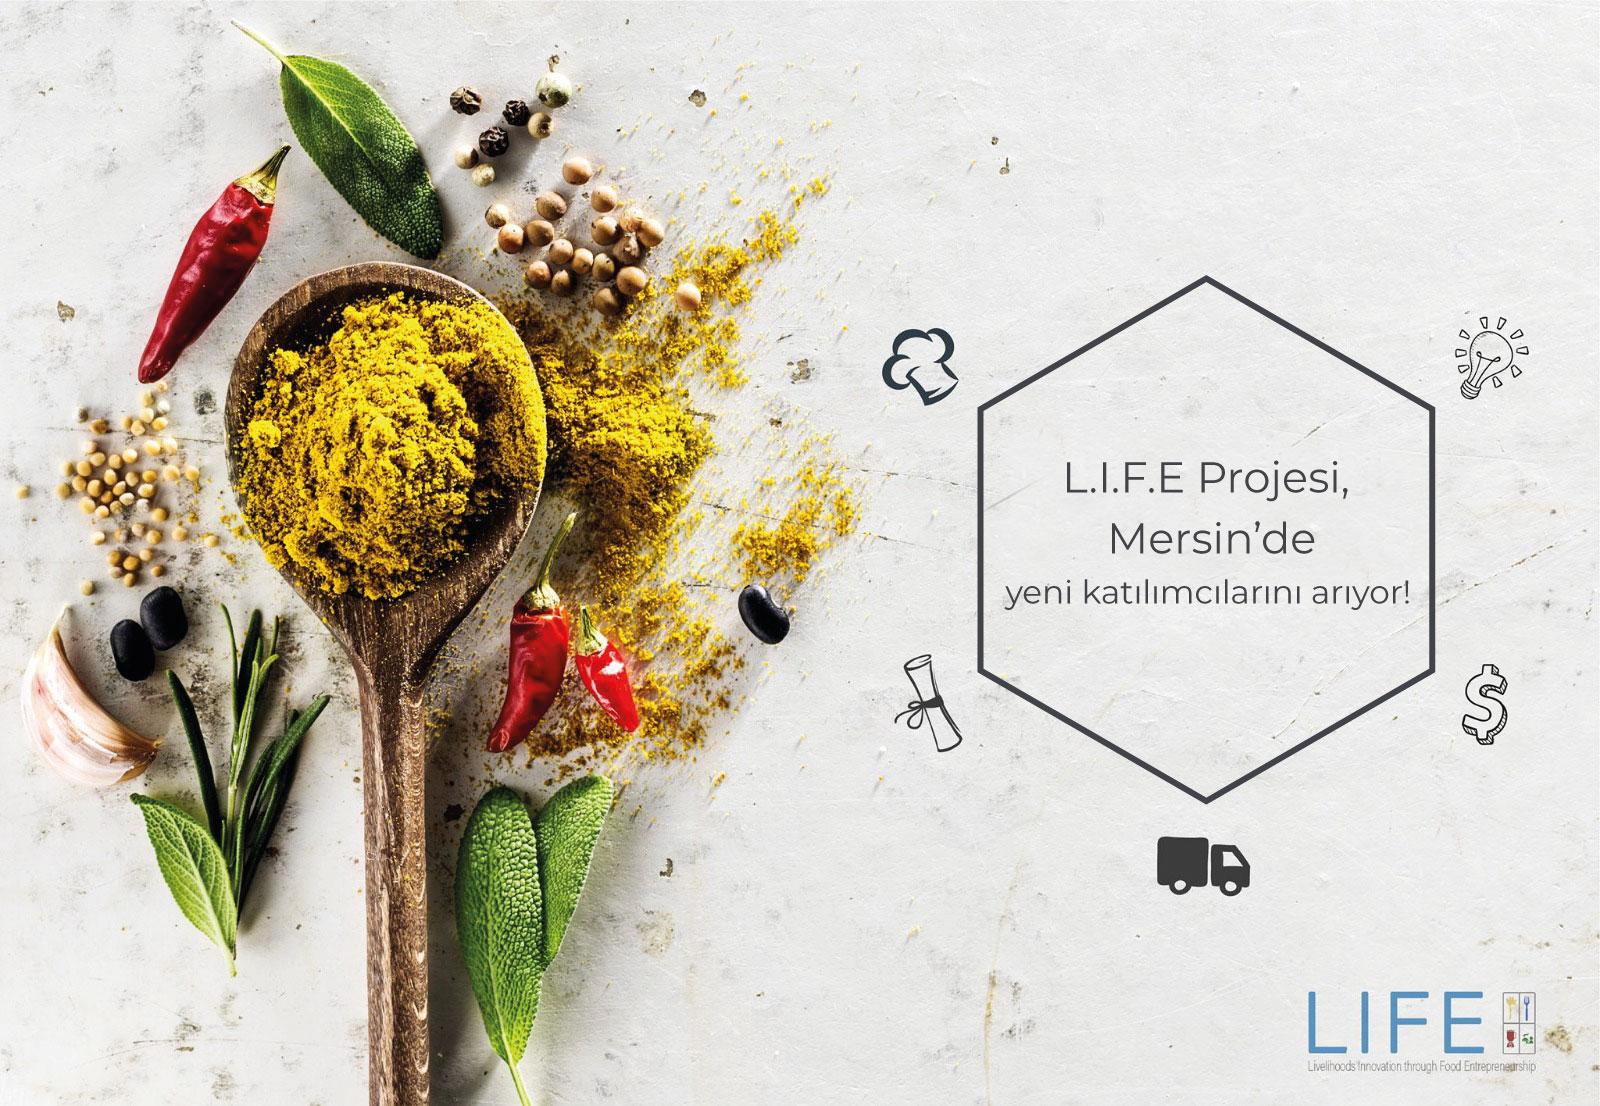 L.I.F.E (Gıda  Girişimciliği İle Yenilikçi Geçim Kaynakları) Projesi, Mersin'de yeni katılımcılarını arıyor!